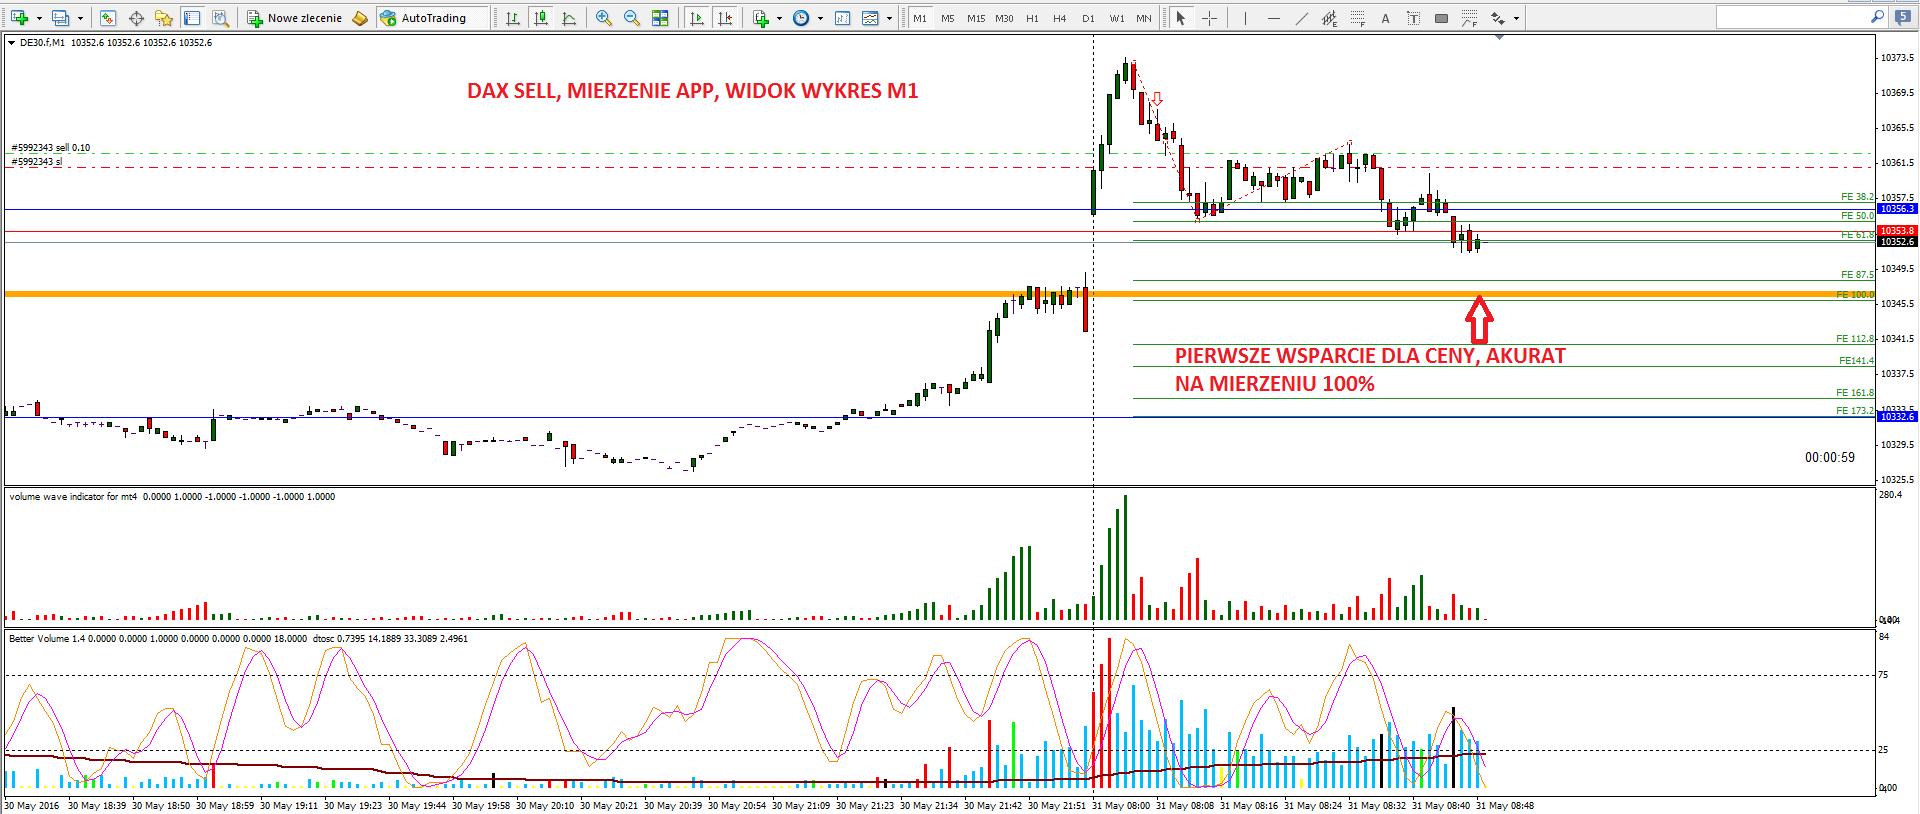 7-renko-scalping na renko-forex-skuteczna strategia-myforex-trader-trading-waluty-dax-prosta strategia tradingowa-broker-sukces-wolumen-vsa-świece japońskie-trading